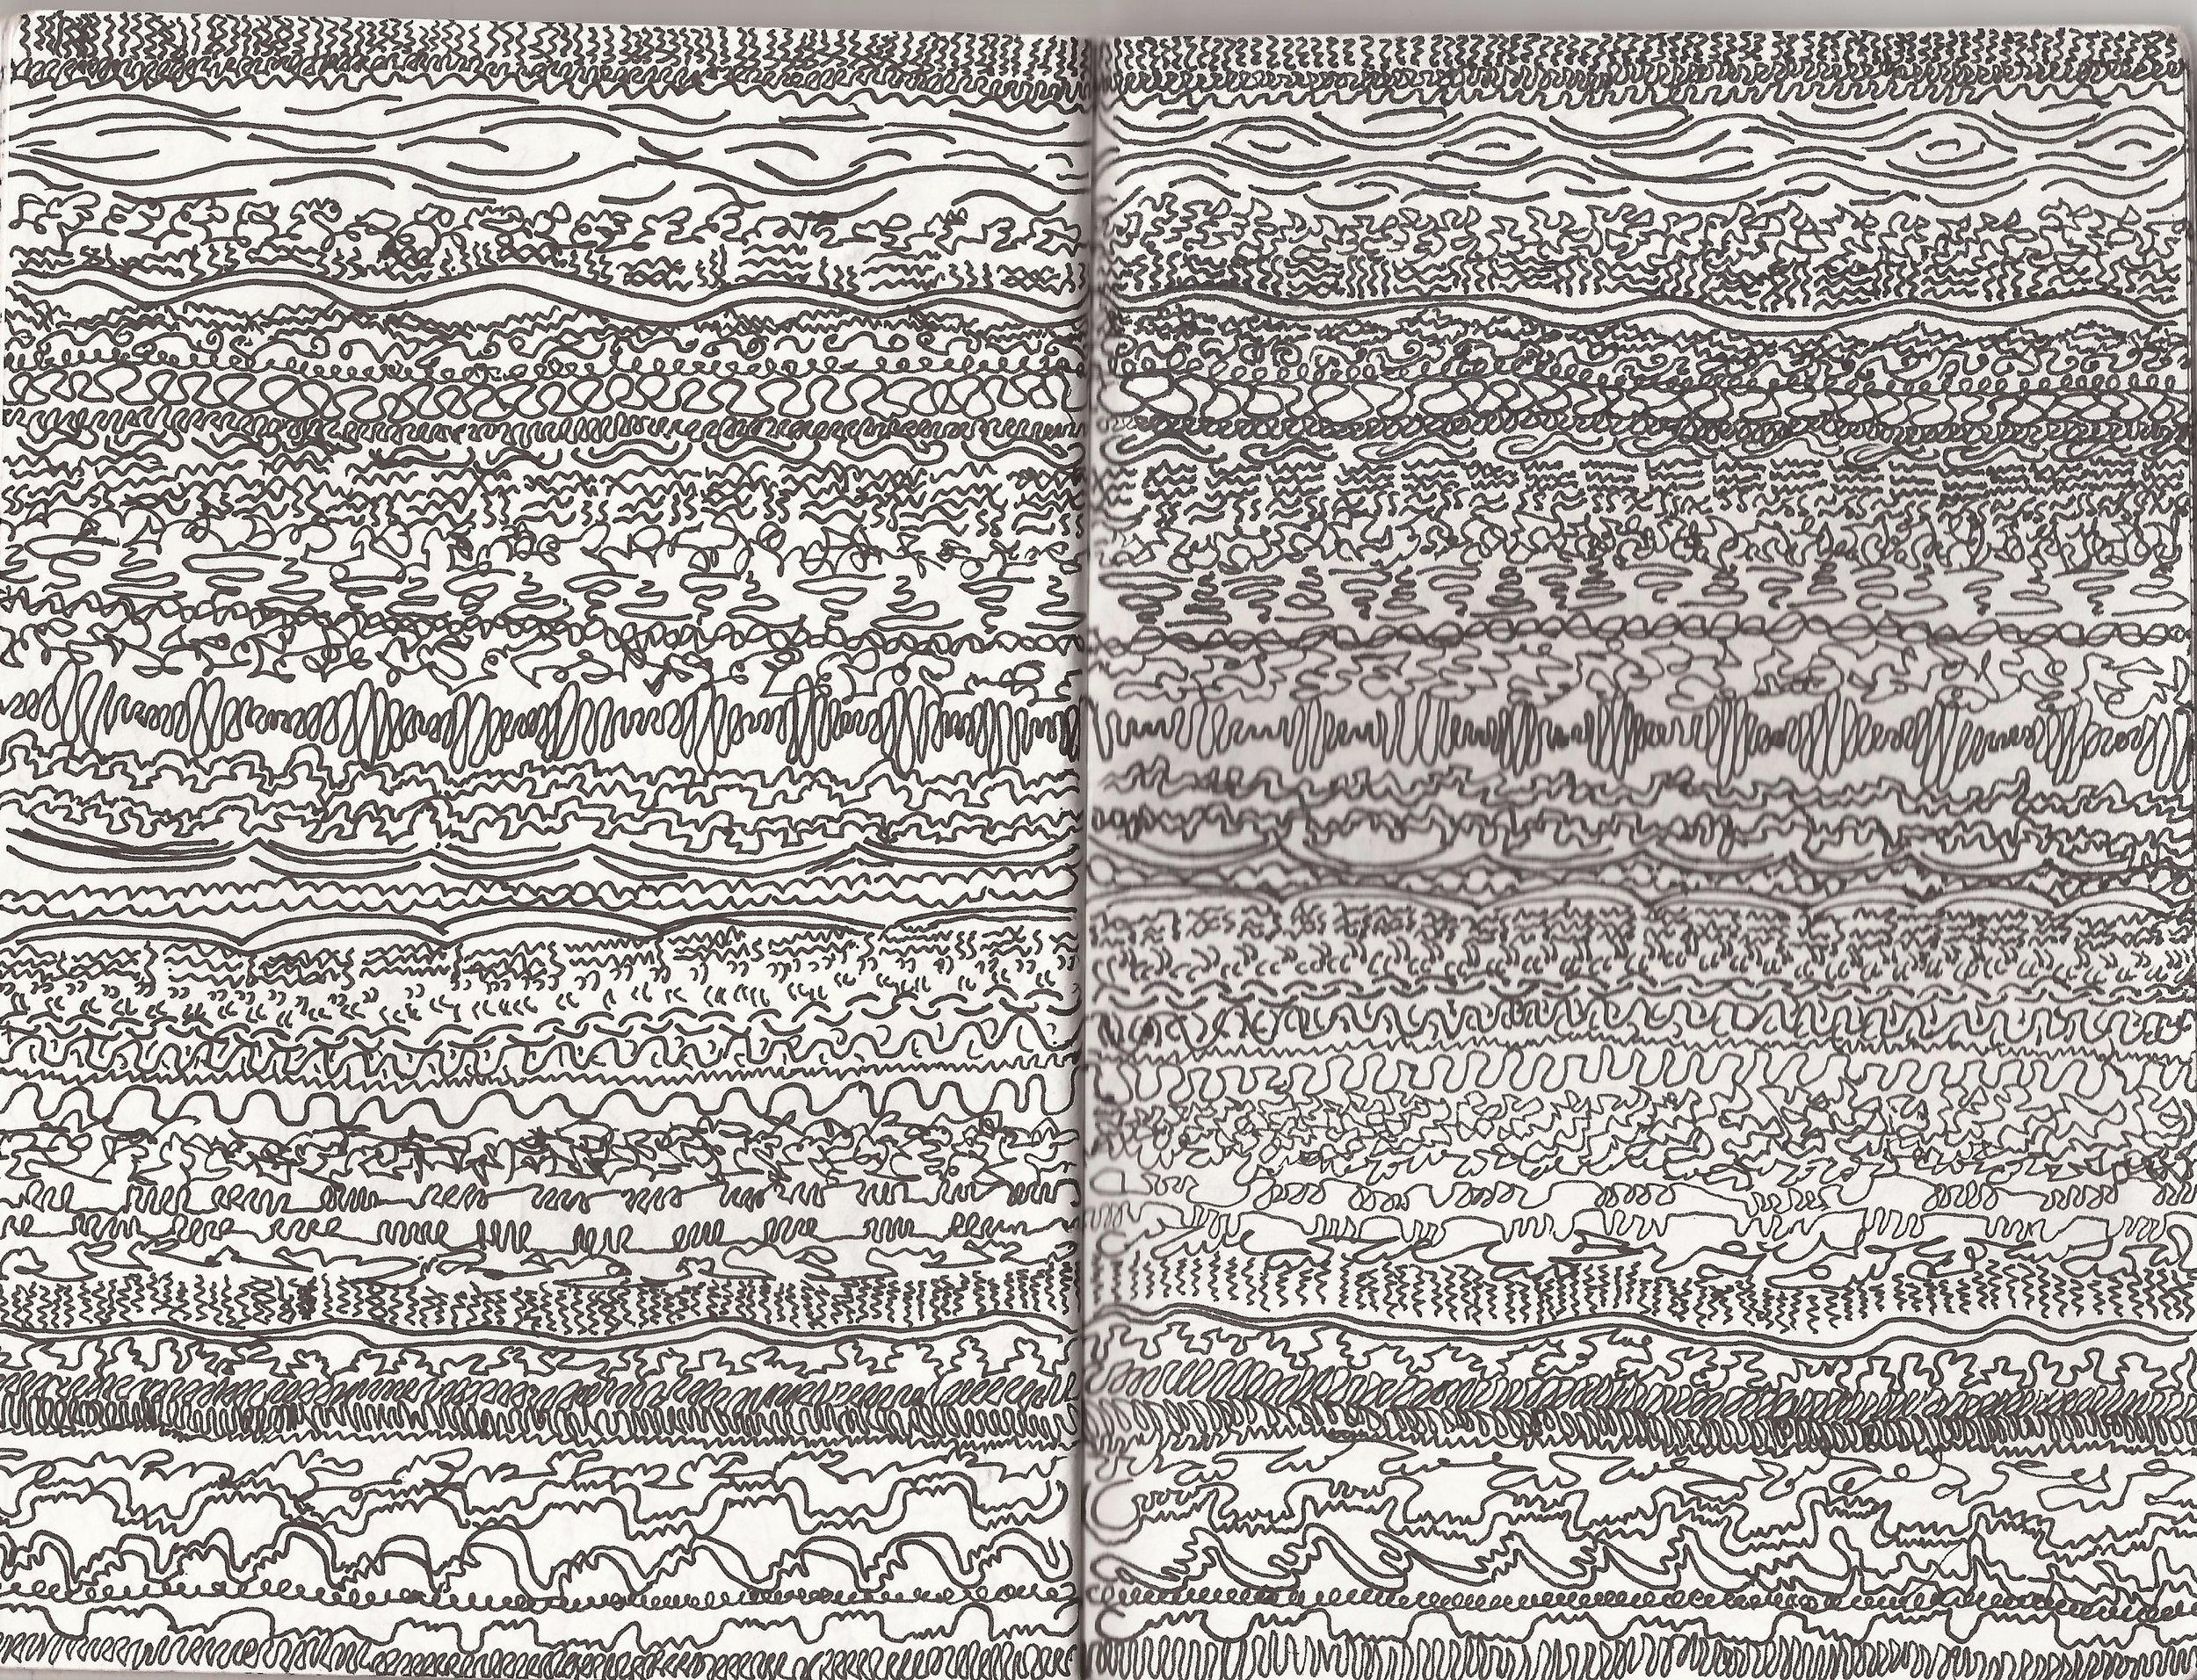 sketchbook 9.jpg